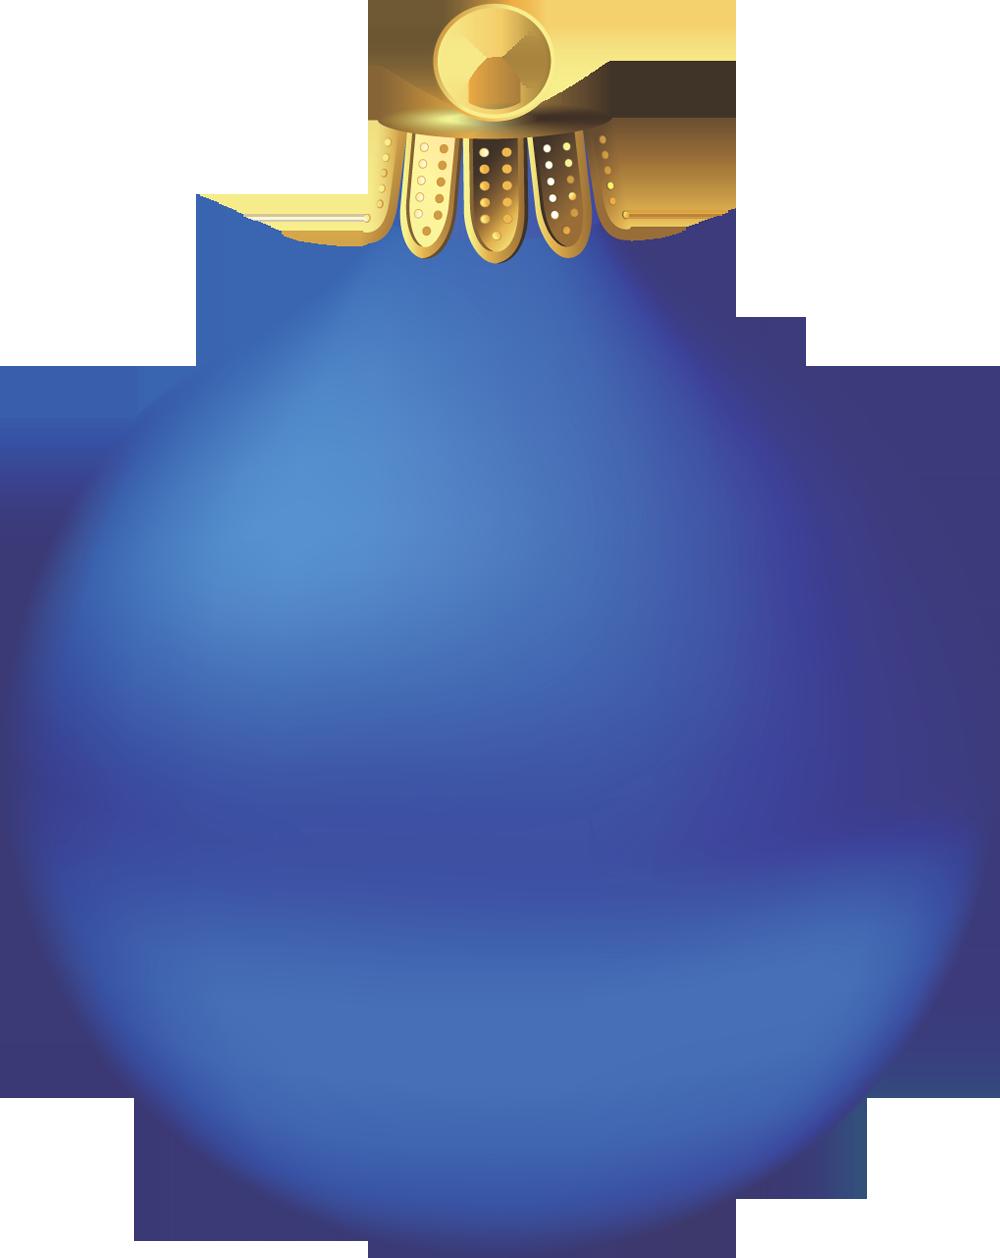 Ornaments Clip Art